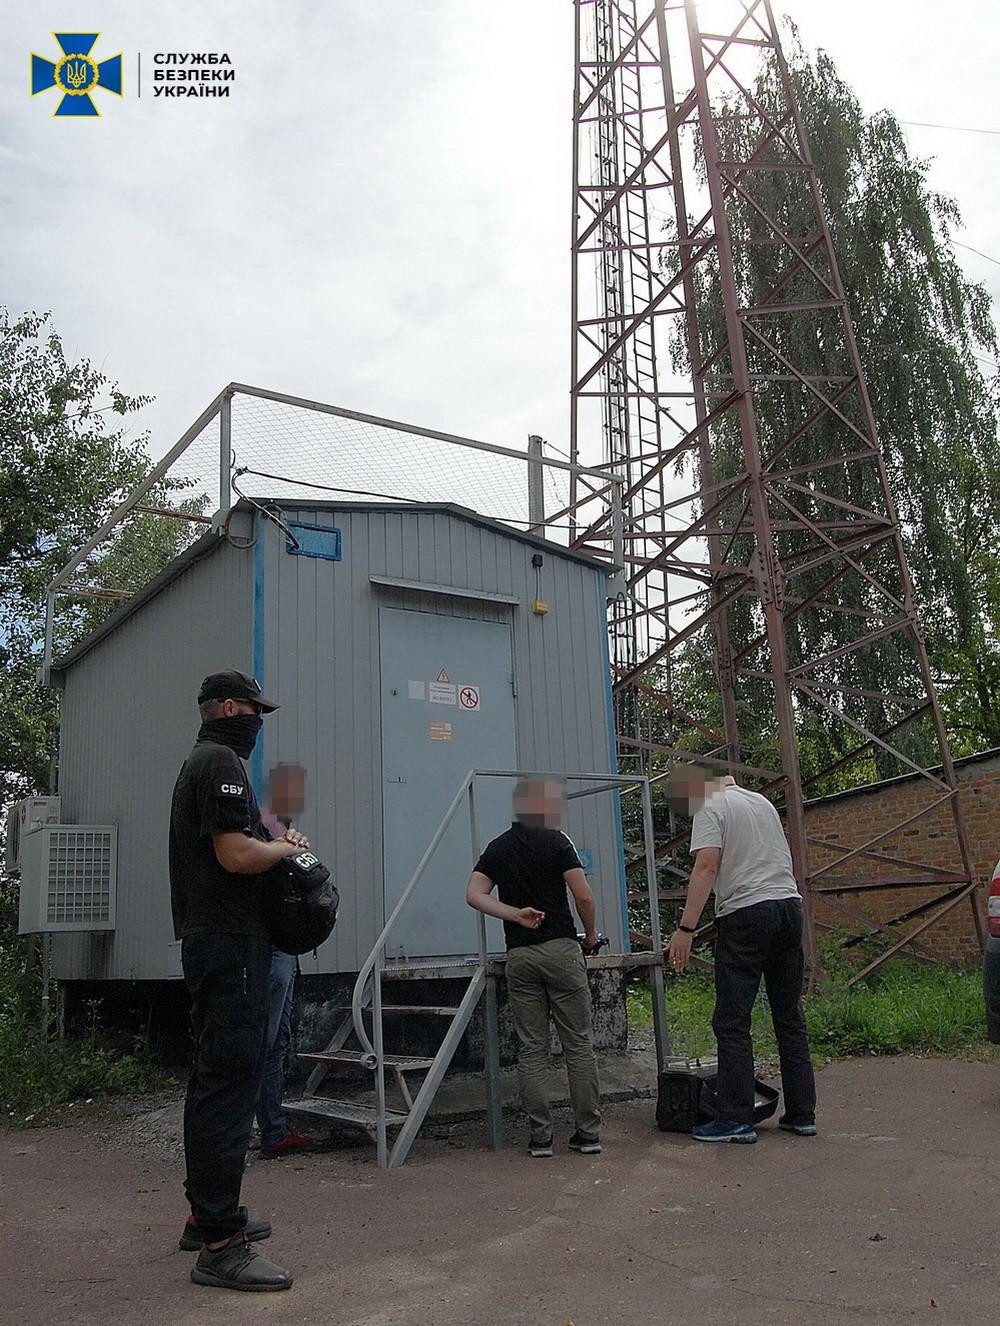 СБУ попередила несанкціоноване втручання у роботу систем зв'язку військового об'єкту на Чернігівщині (Фото)